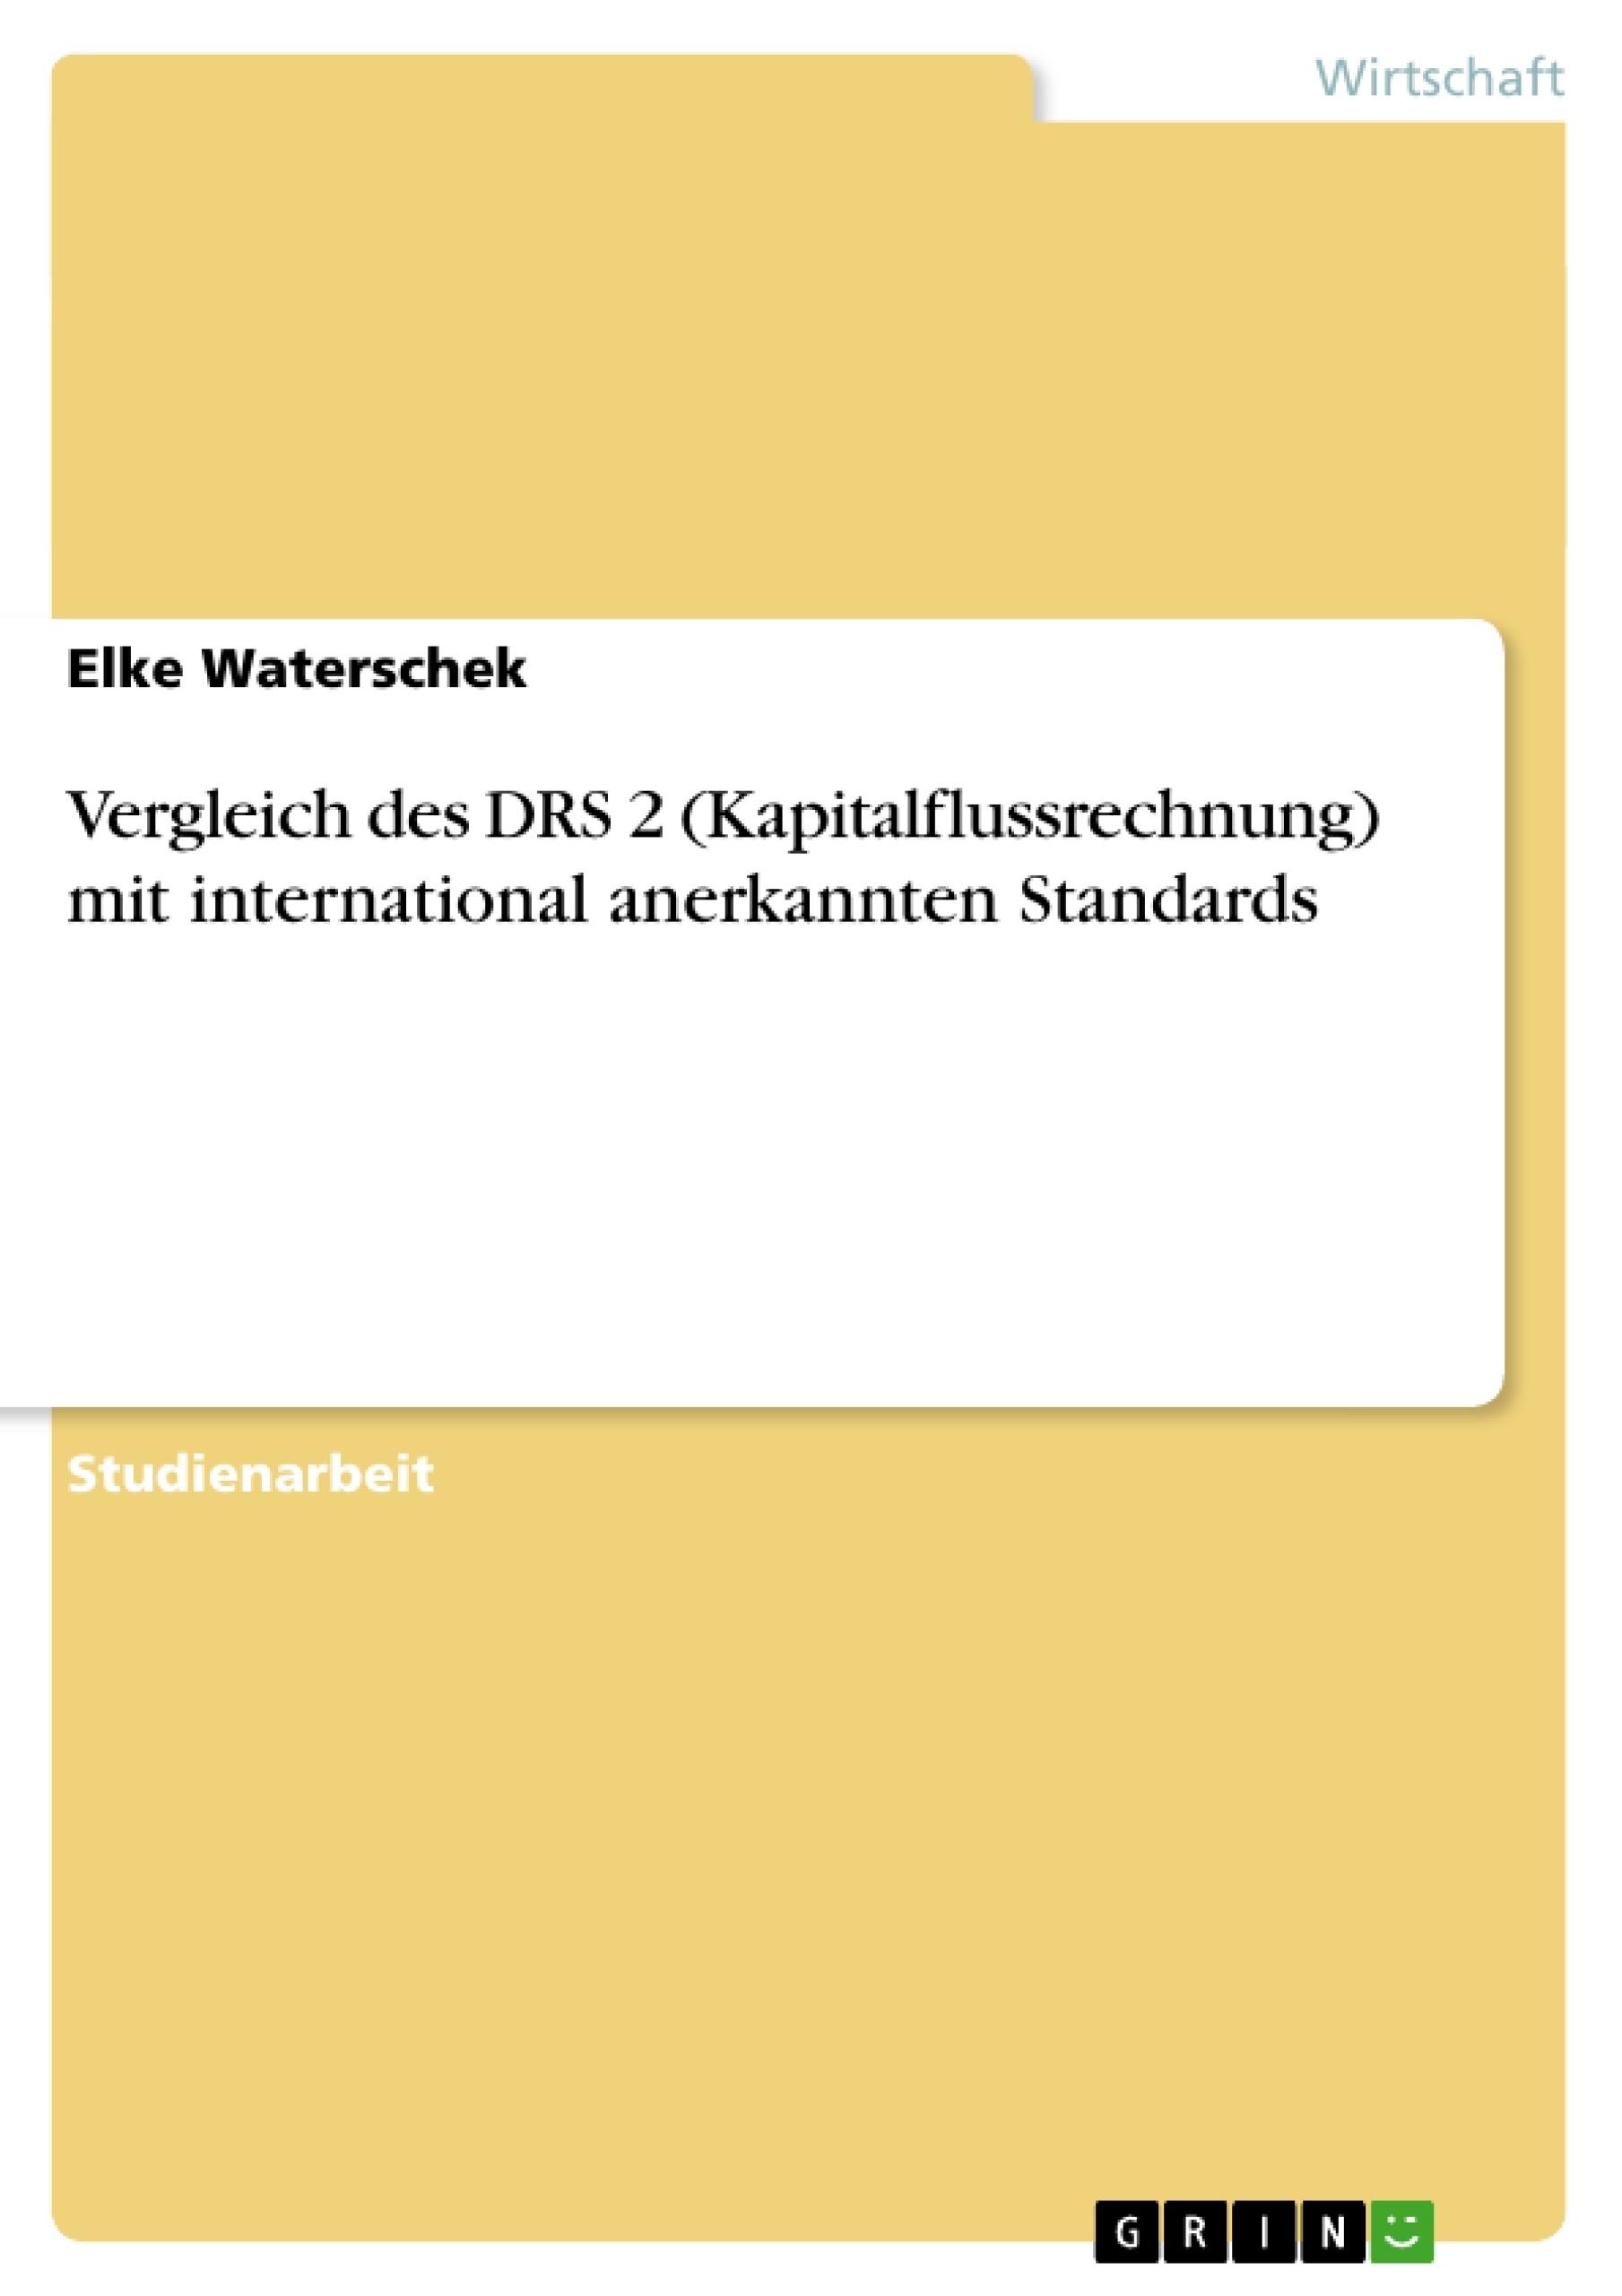 Titel: Vergleich des DRS 2 (Kapitalflussrechnung) mit international anerkannten Standards